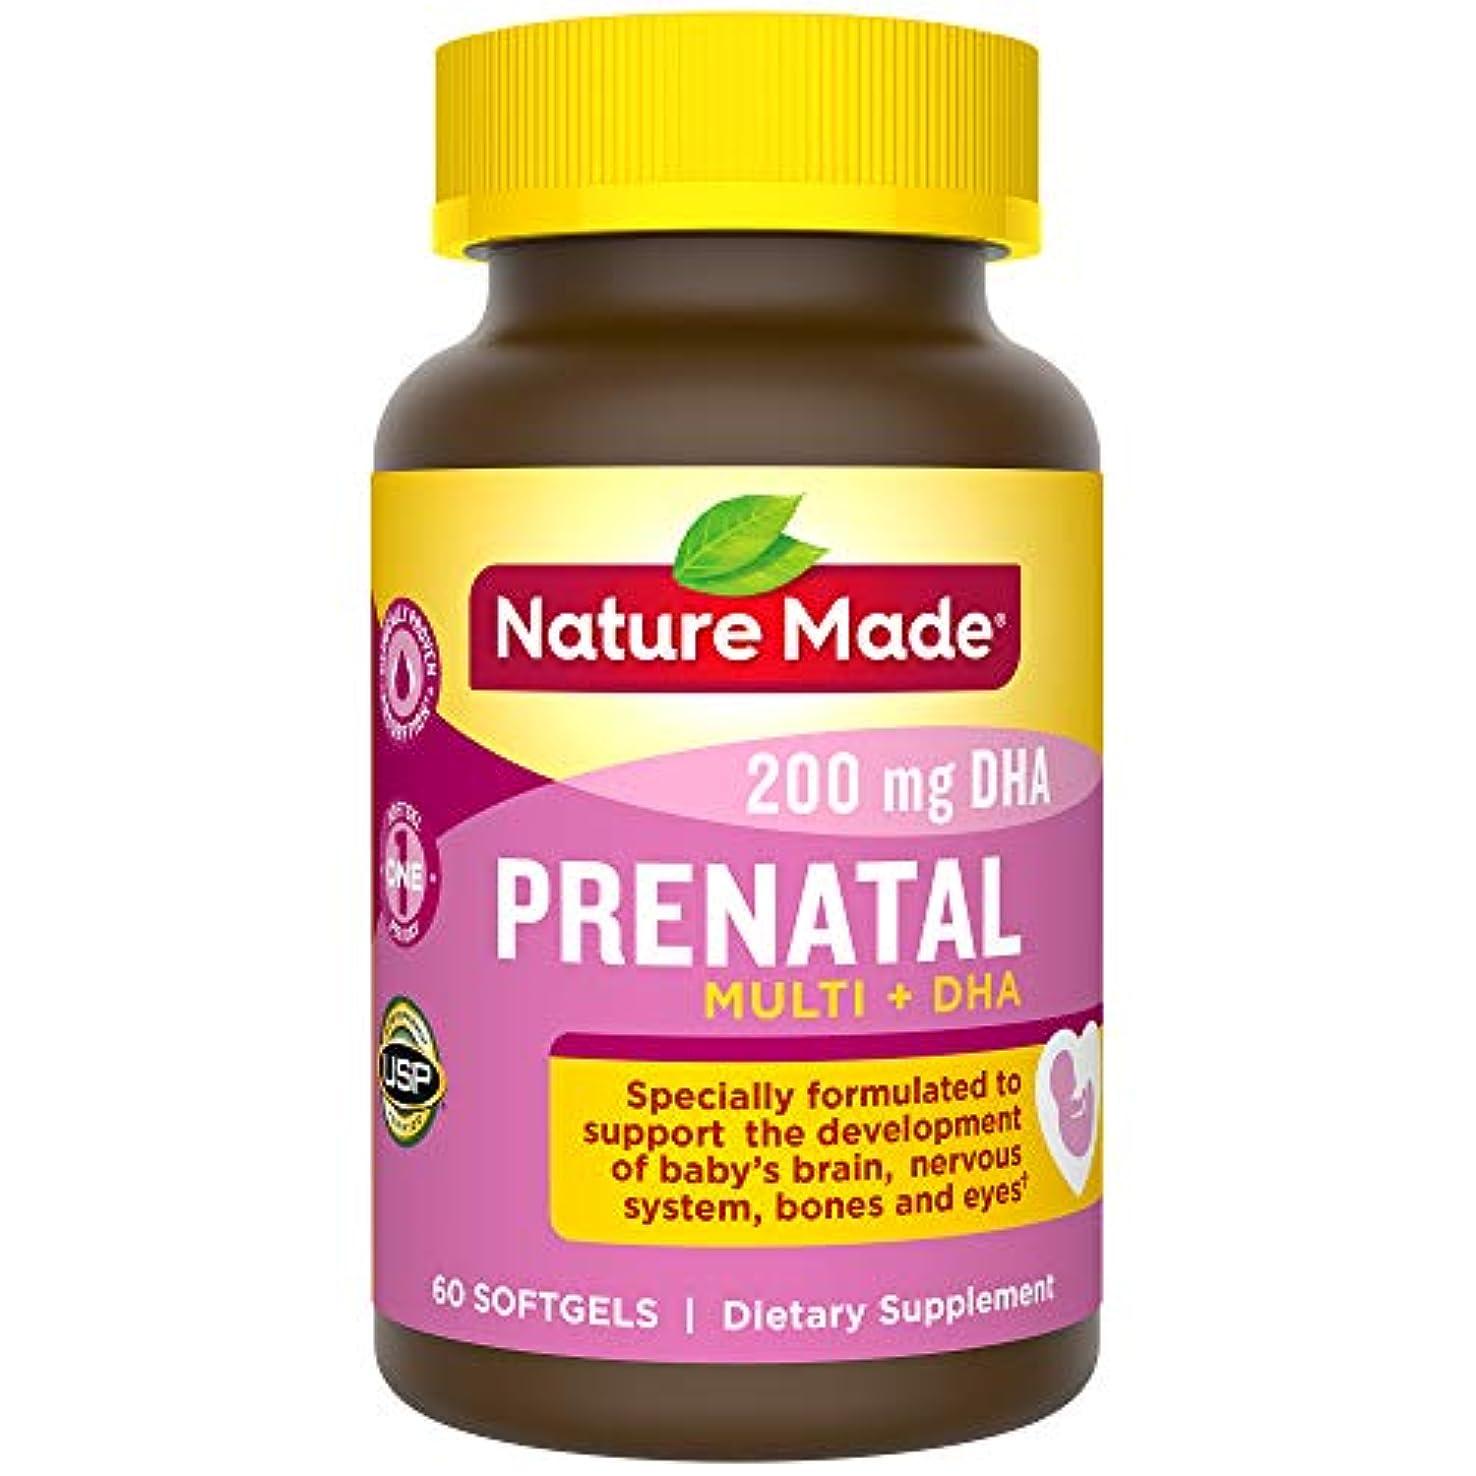 マニフェストおじいちゃん思い出Nature Made® - Prenatal Multi + DHA - 60 ??????? 海外直送品